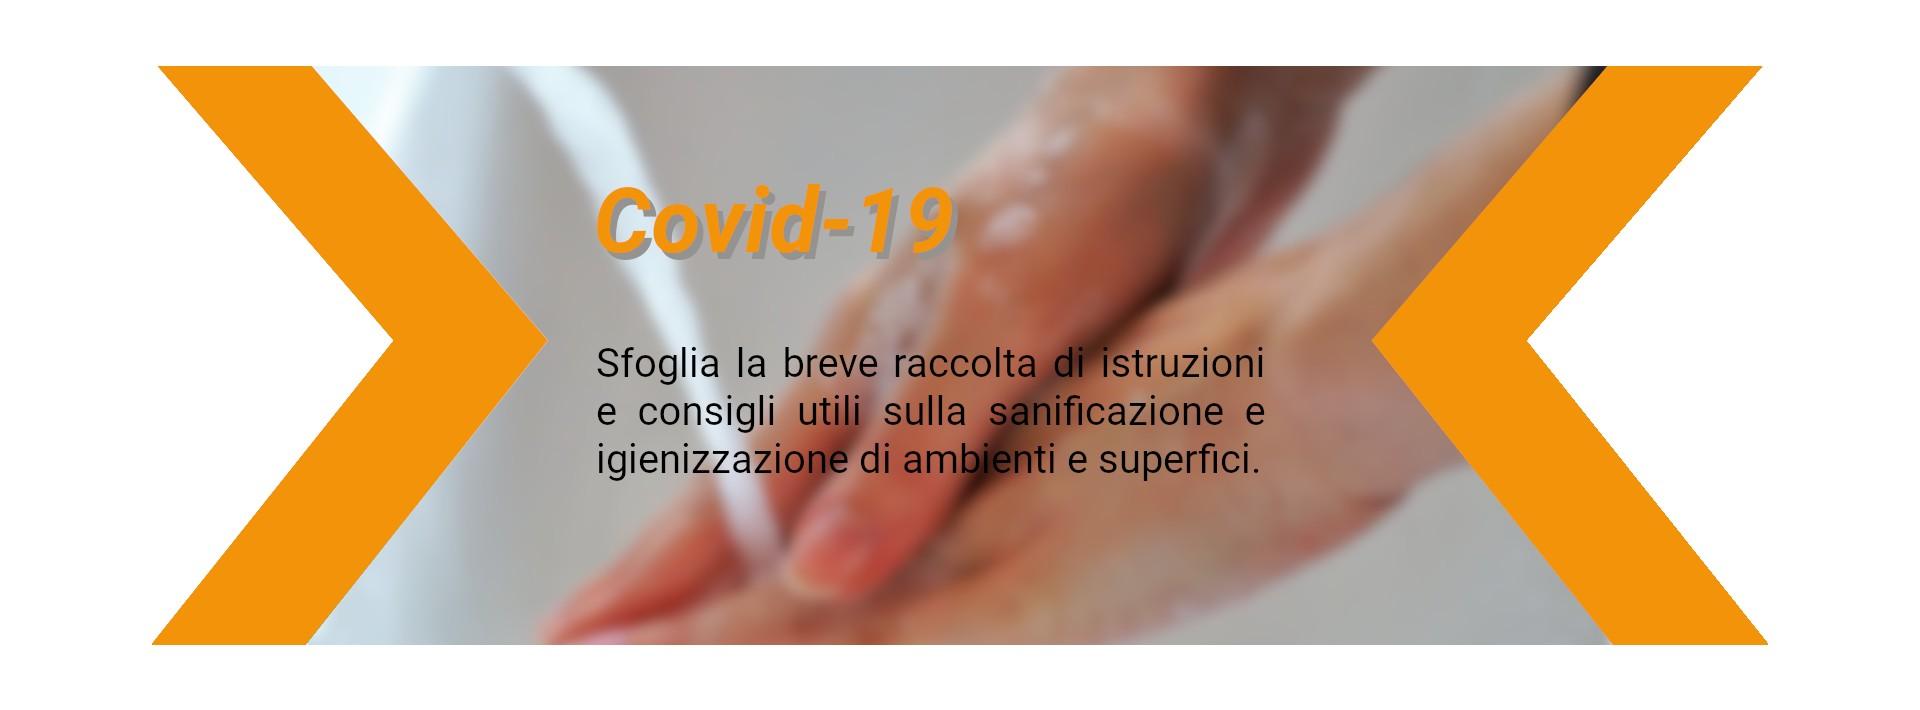 Speciale COVID-19 consigli utili sulla sanificazione professionale